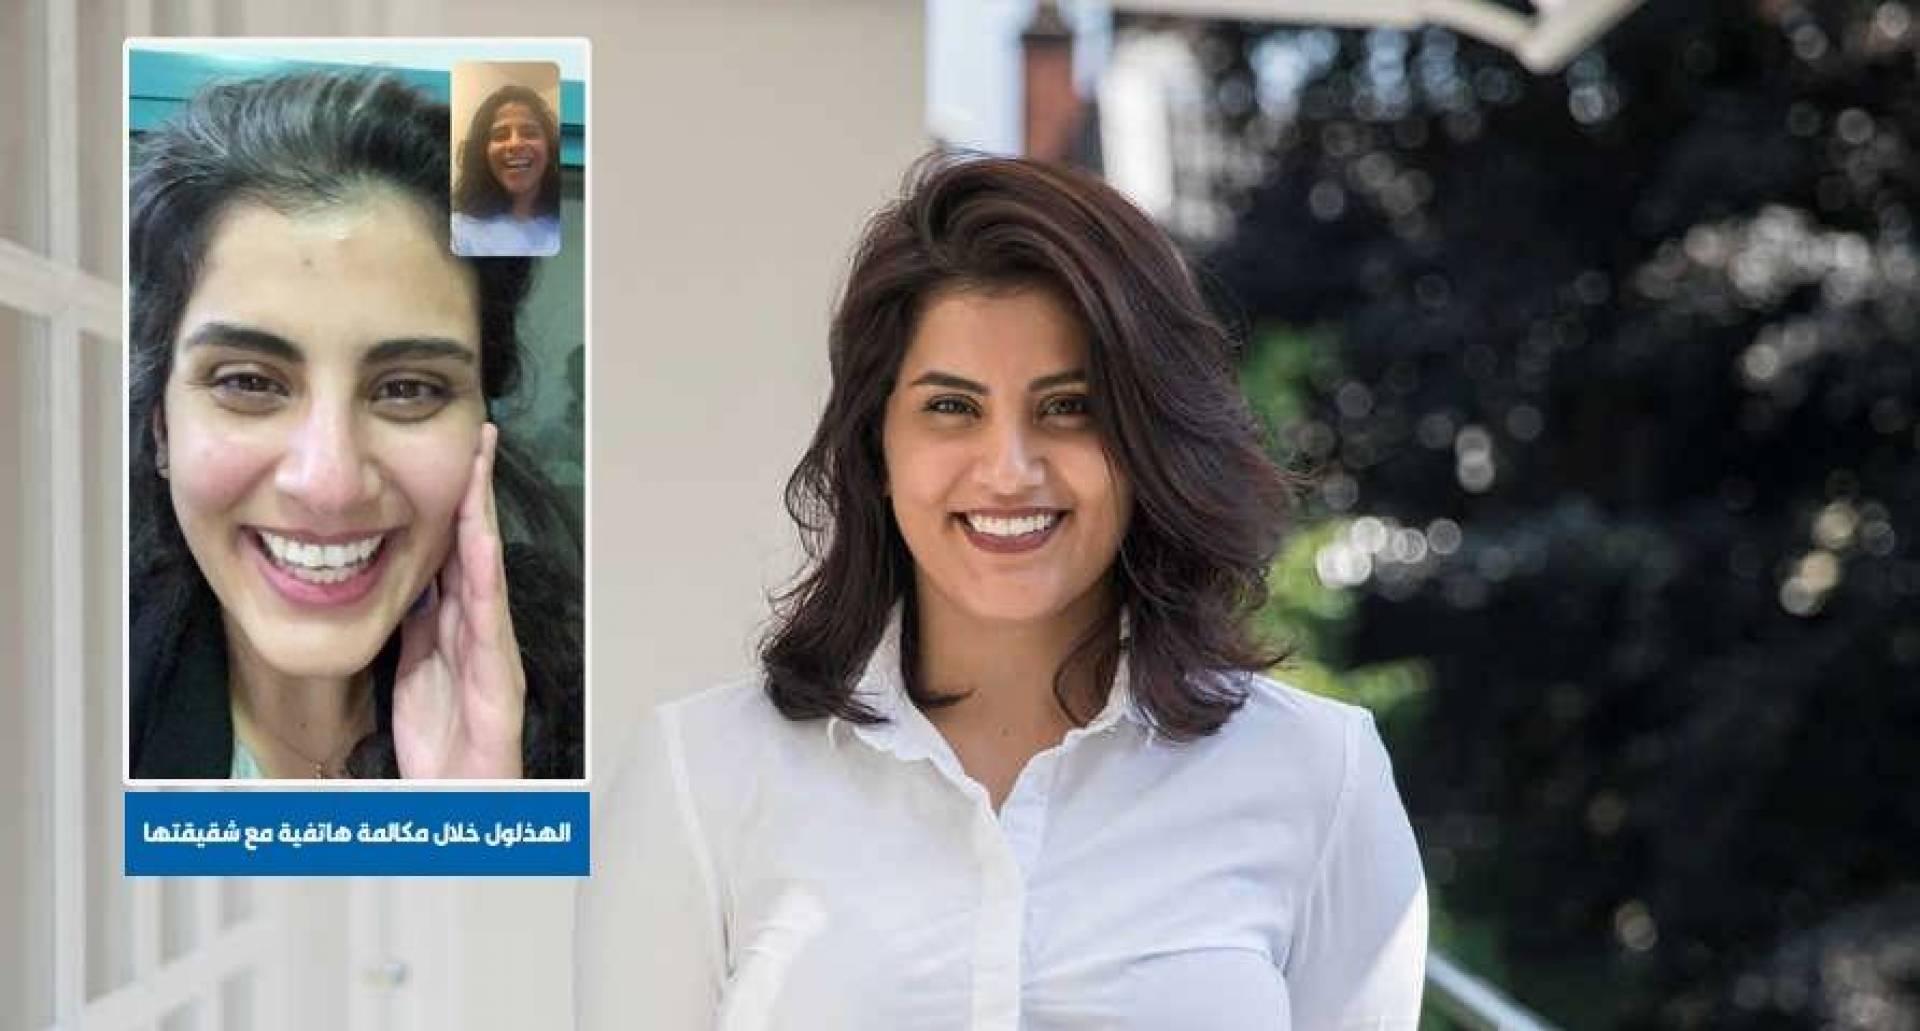 السعودية: إطلاق سراح لجين الهذلول